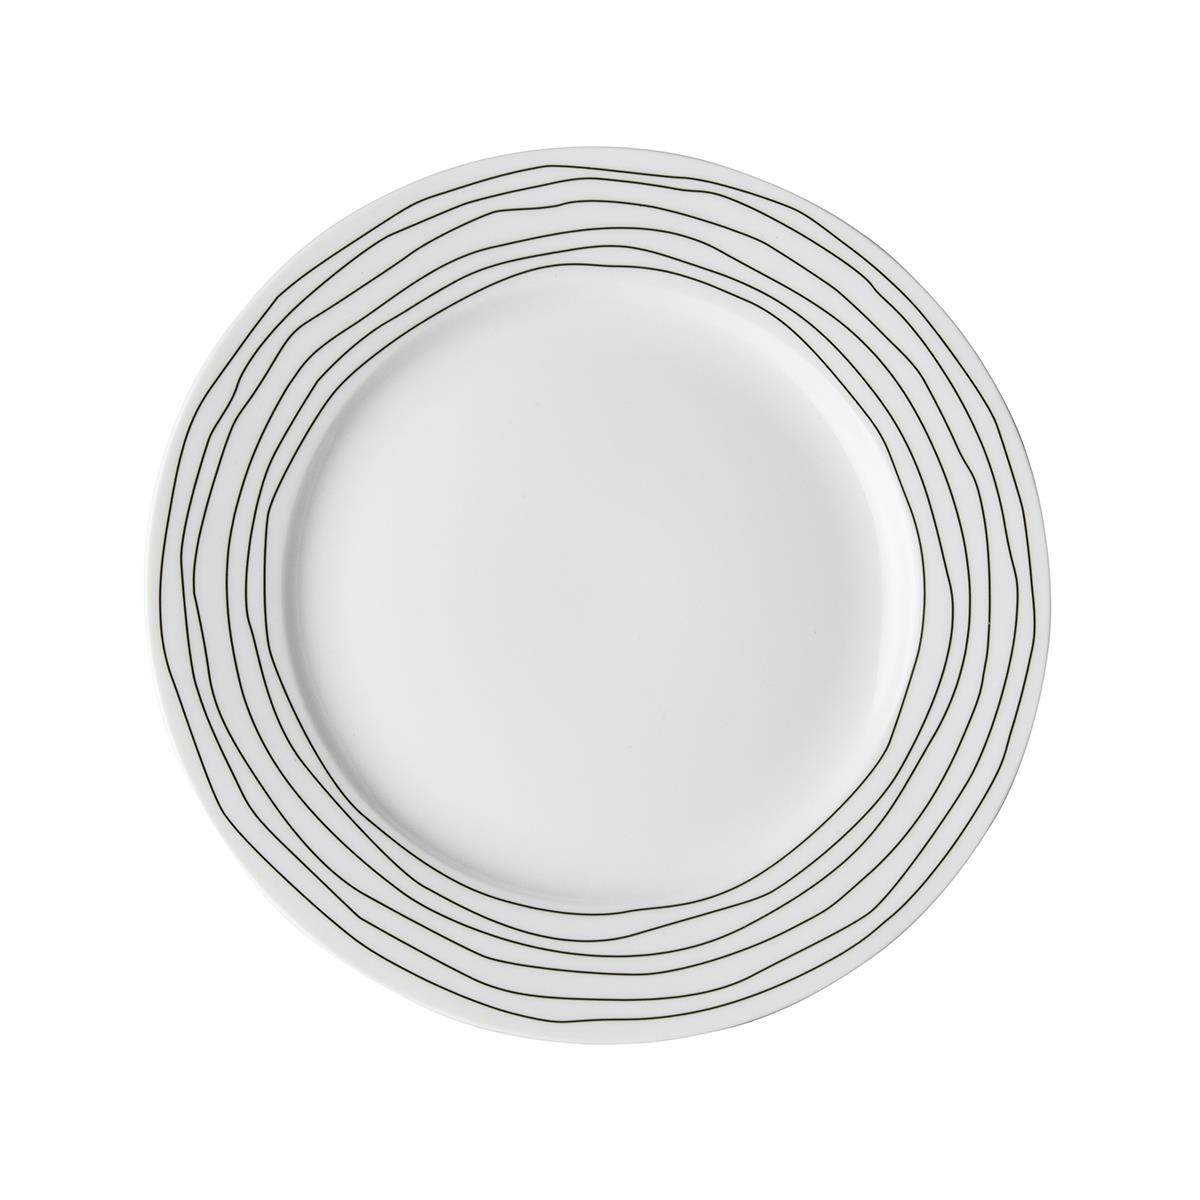 Πιάτο Stripe πορσελάνινο λευκό/μαύρο Δ21cm Dutch Rose